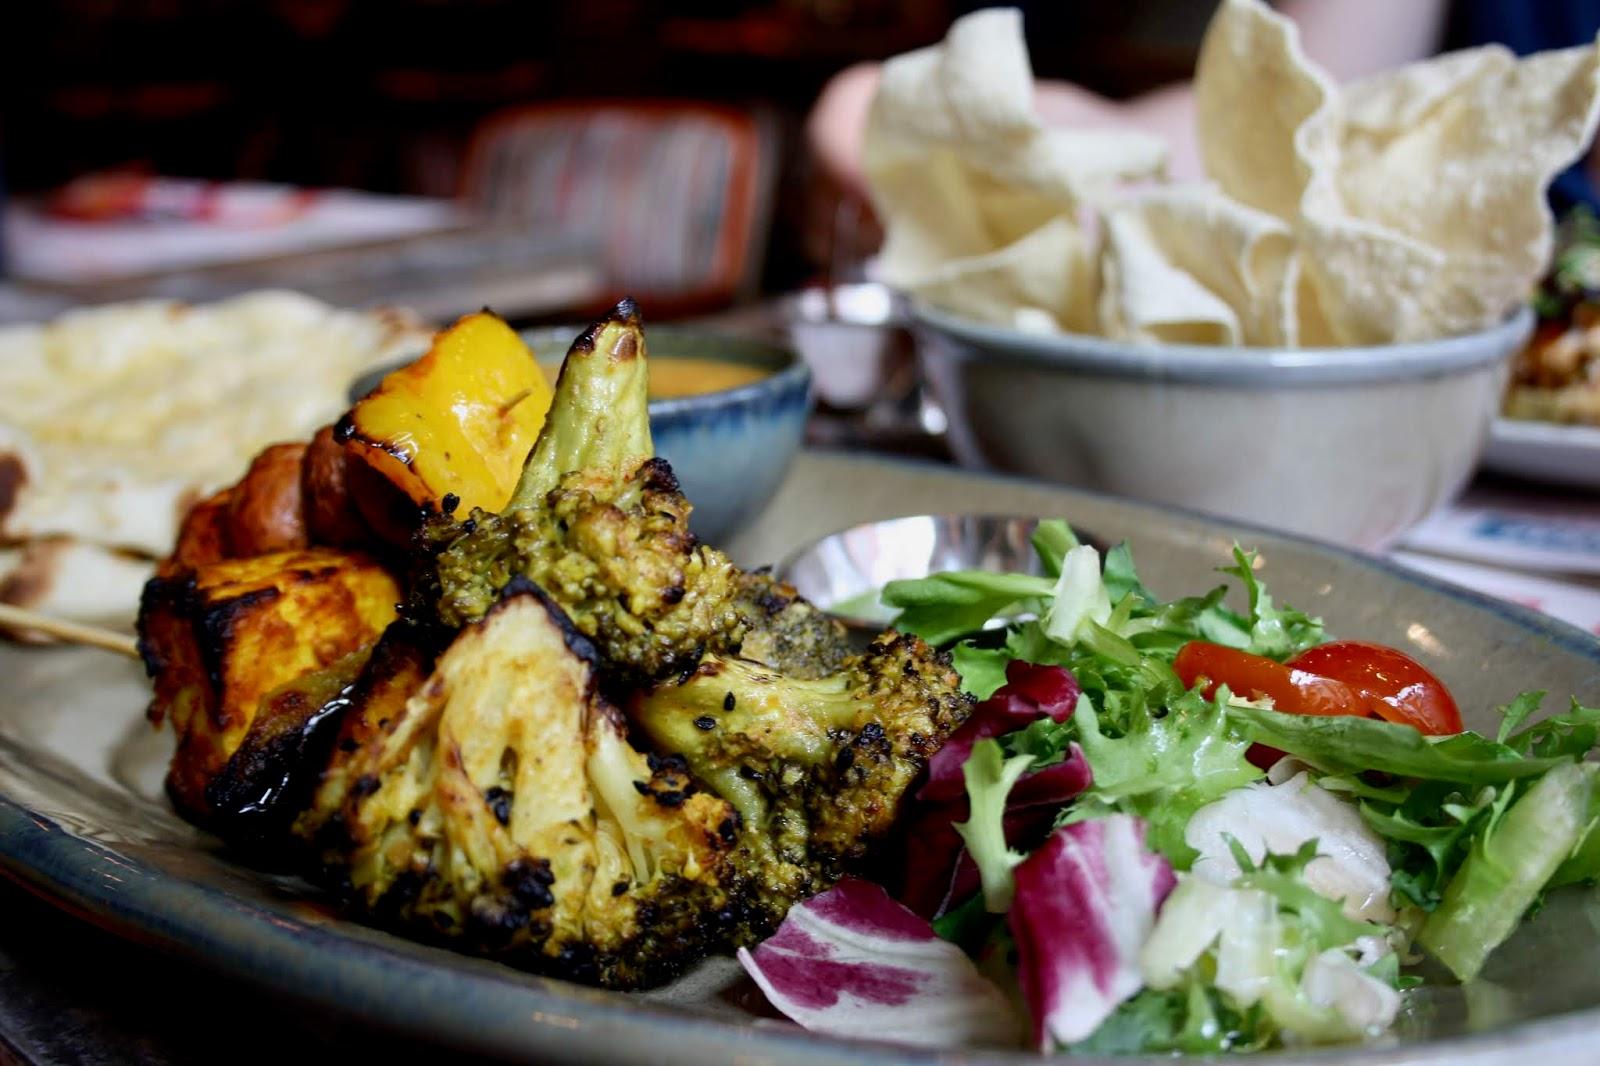 Veggie Heaven dish at Tamatanga, featuring achari broccoli